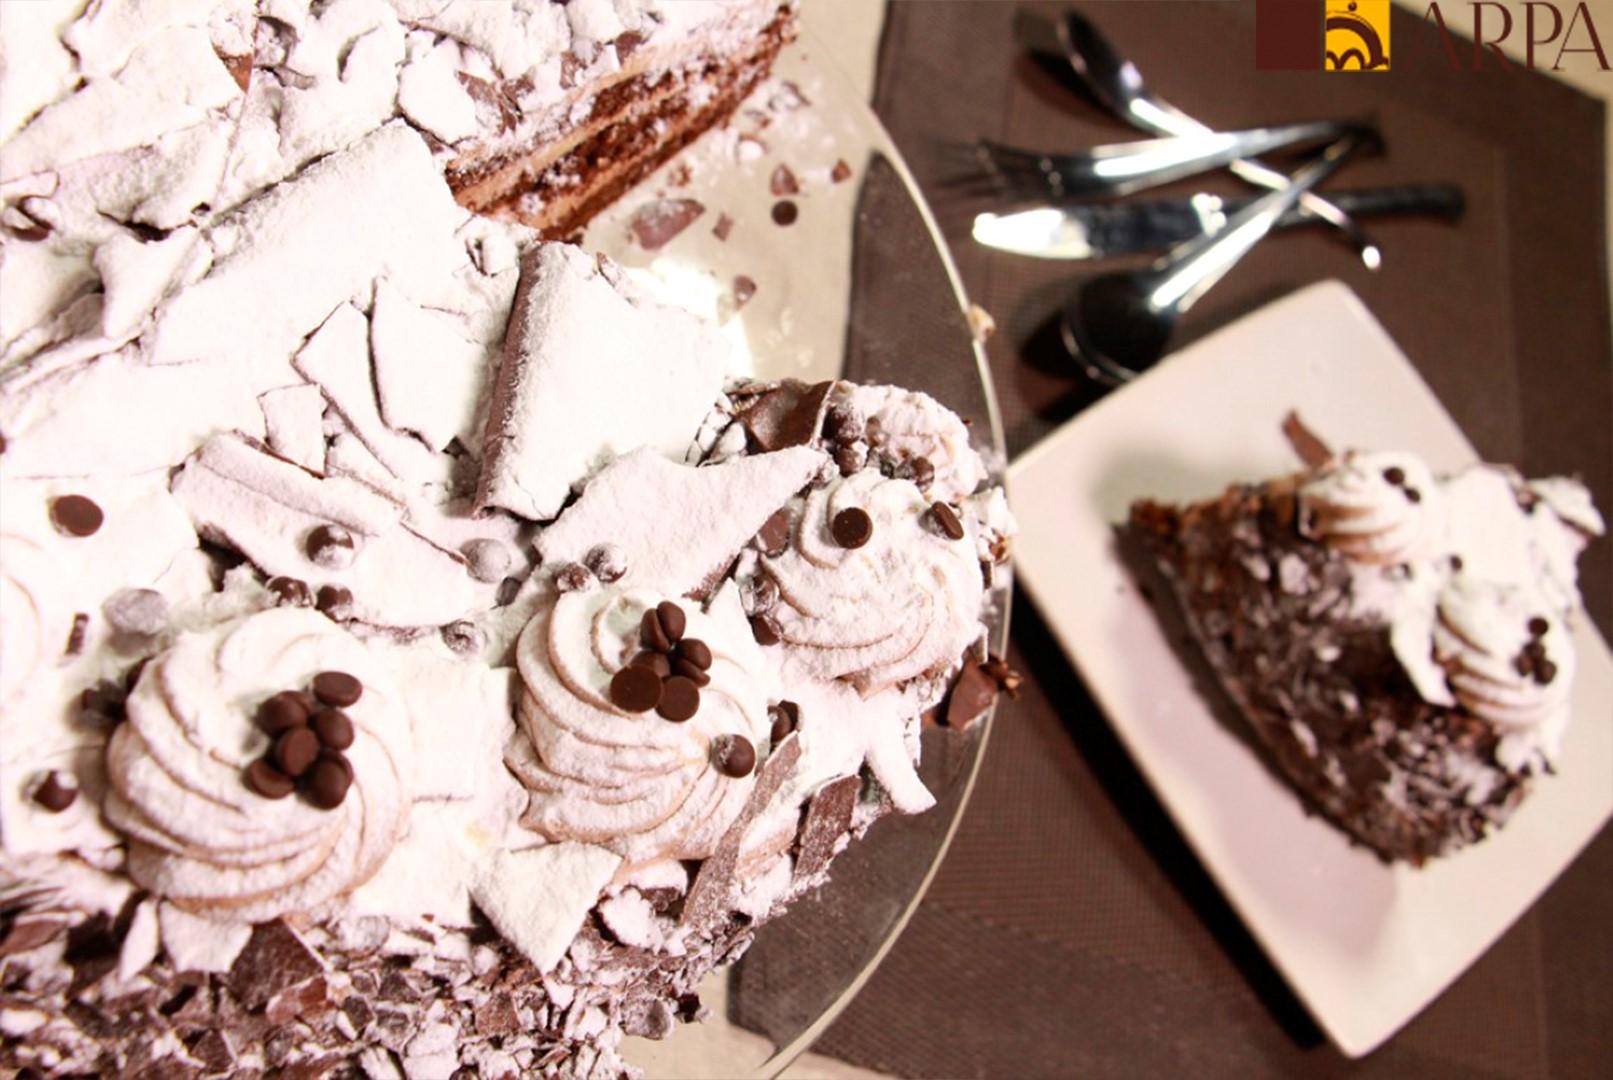 Pastel de bizcocho de chocolate relleno de mantequilla chocolateada y recubierto de virutas de chocolate negro y espolvoreada con azúcar glass